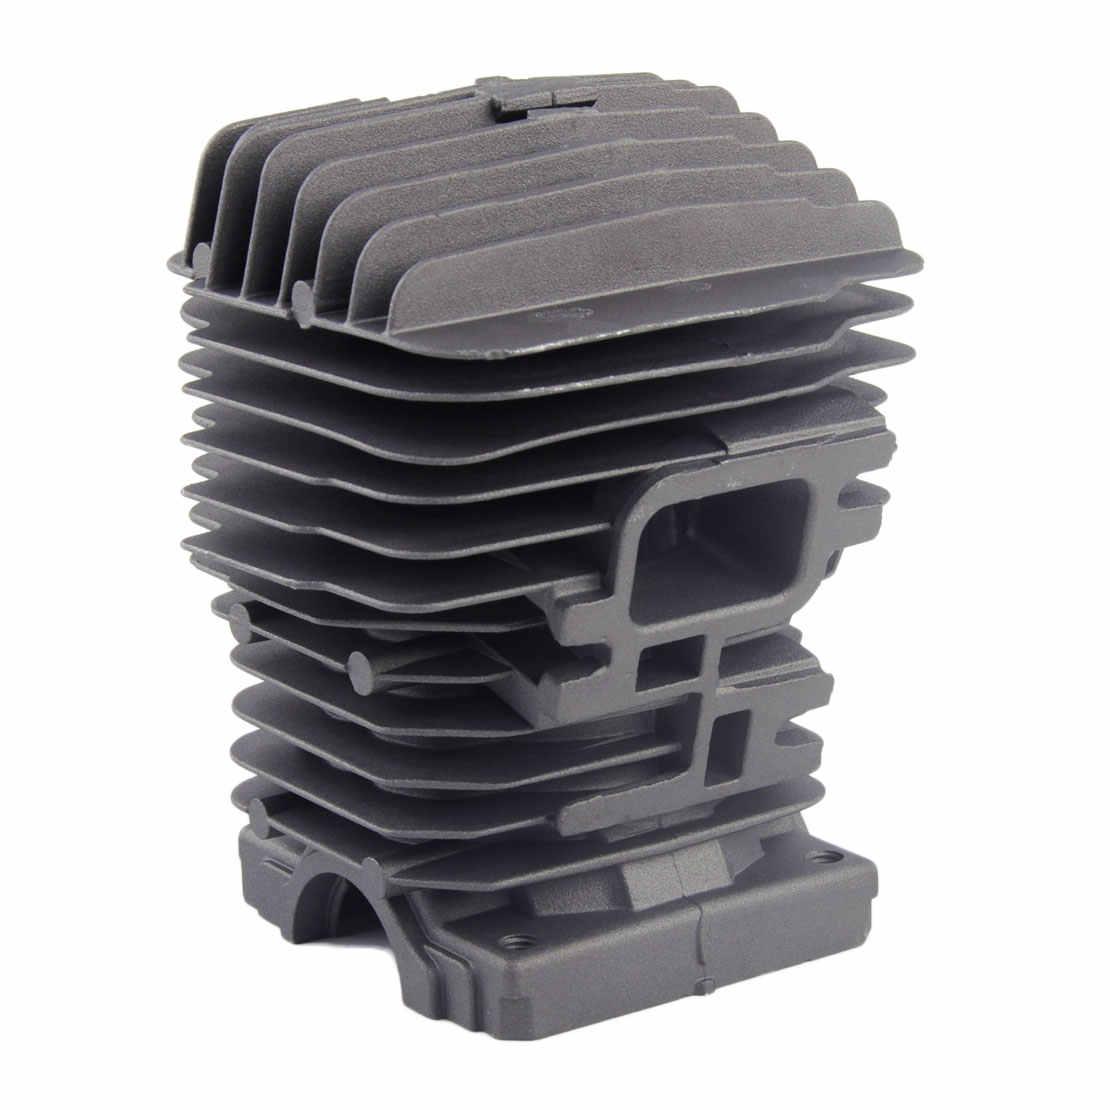 """LETAOSK 46 מ""""מ צילינדר בוכנה ערכת fit עבור Stihl MS290 MS310 MS390 039 029 11270201217 אביזרים"""